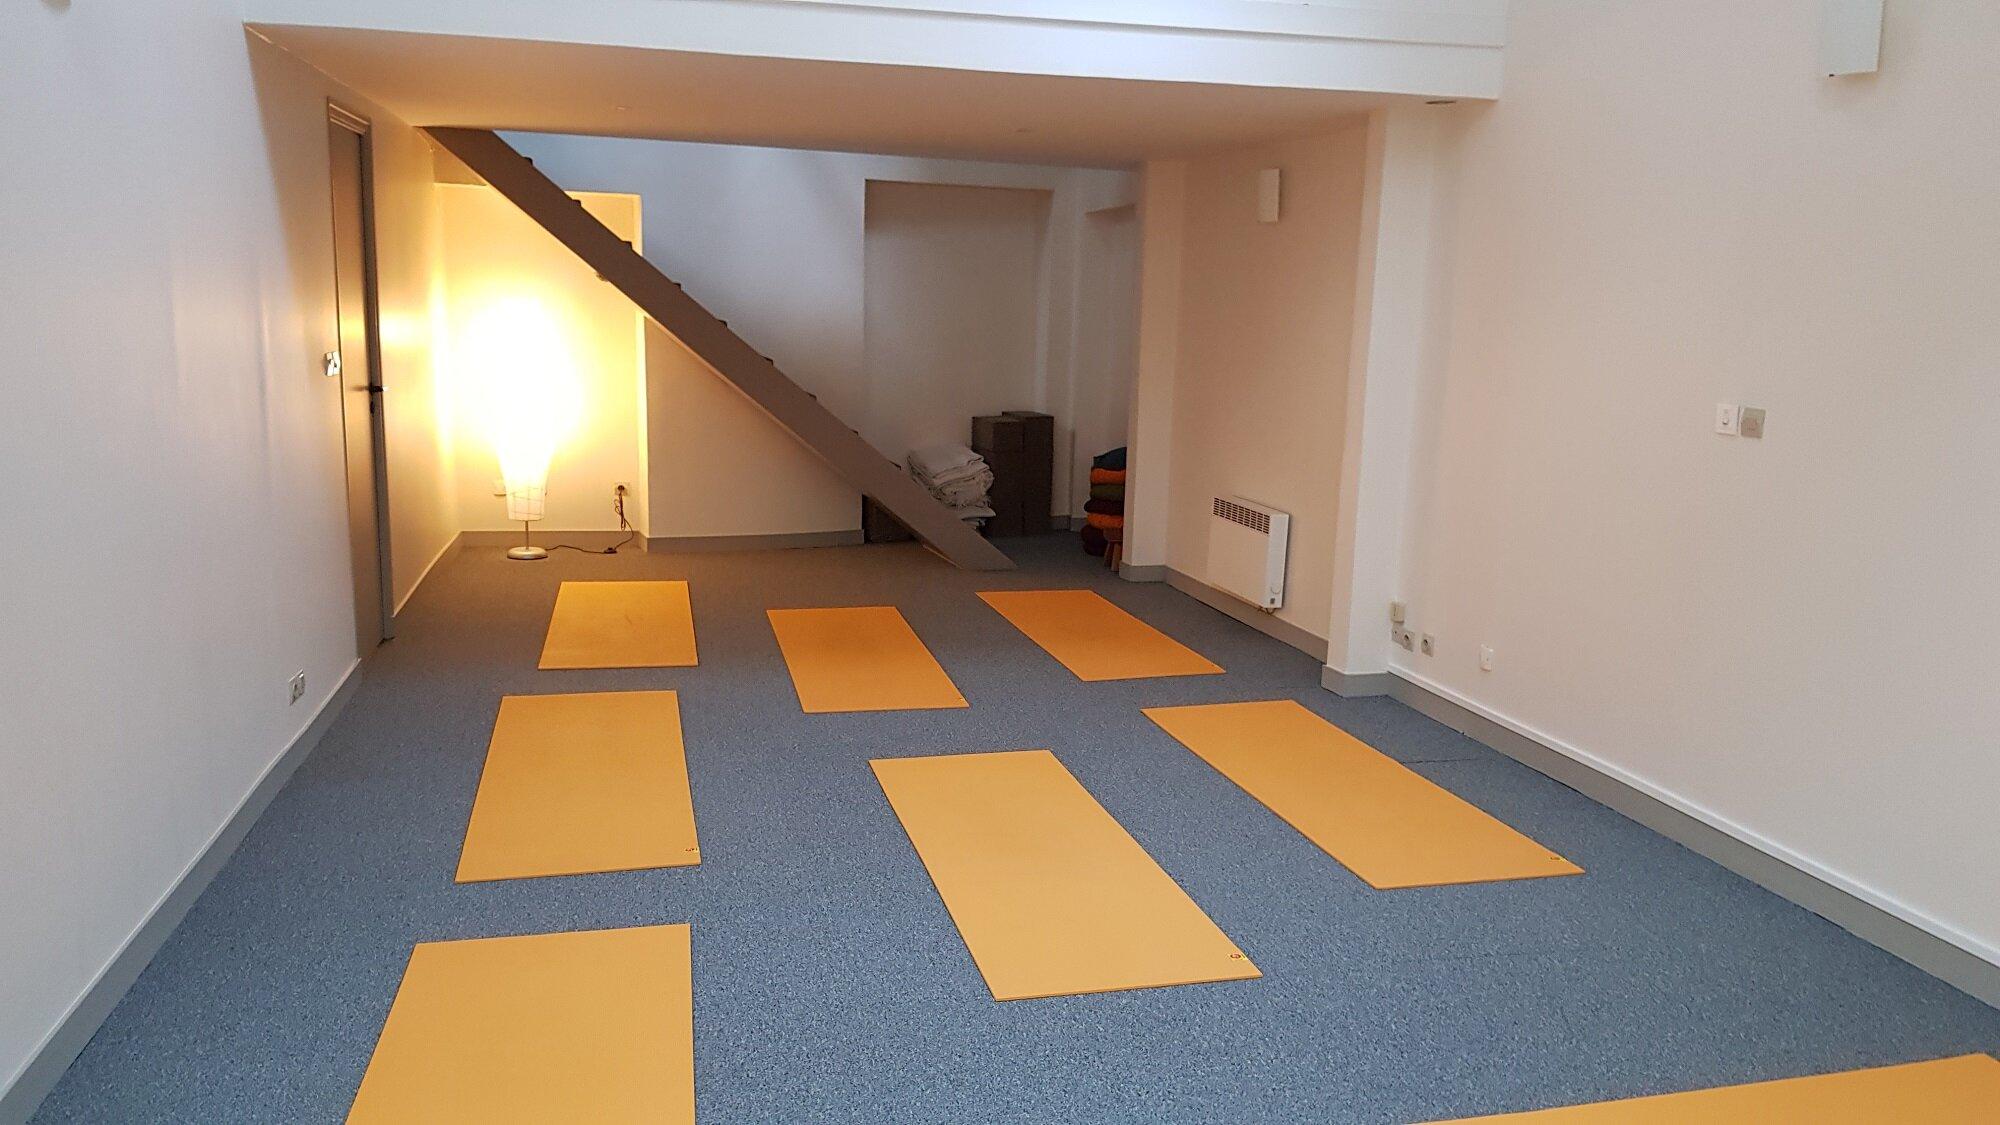 Nouveau !Cours de yoga | Vendredi 8 h-19 h 15 & 19 h 15-20 h 45 - Pour une pratique approfondie et une récupération optimale en fin de semaine.Informations et inscriptions.